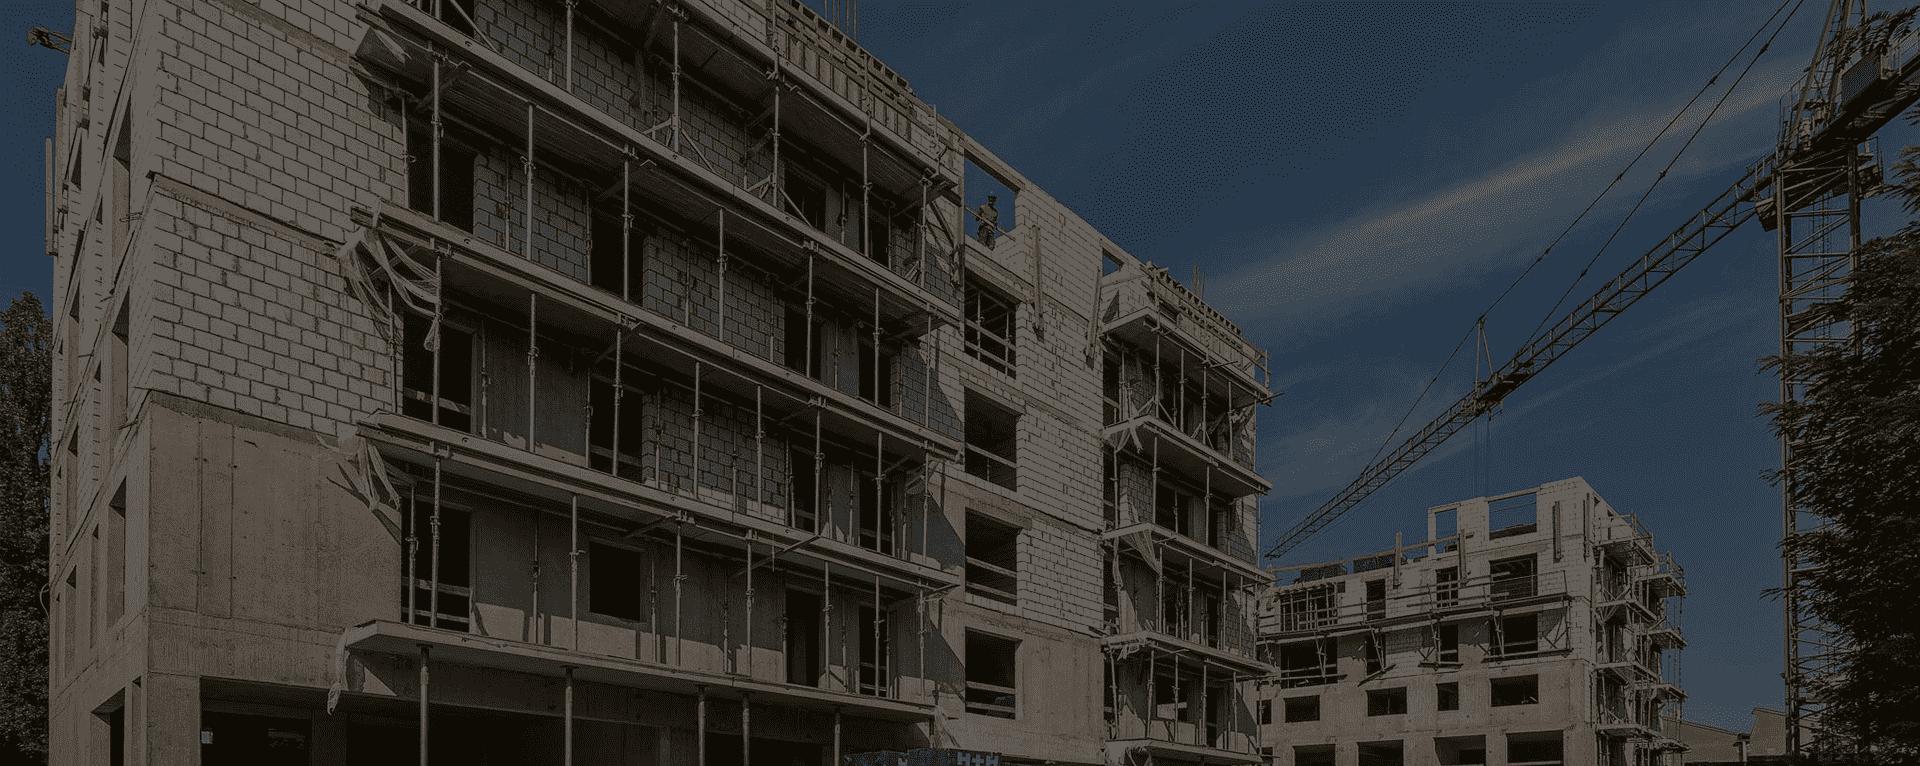 ApartHotel - postępy w pracach budowlanych - 1